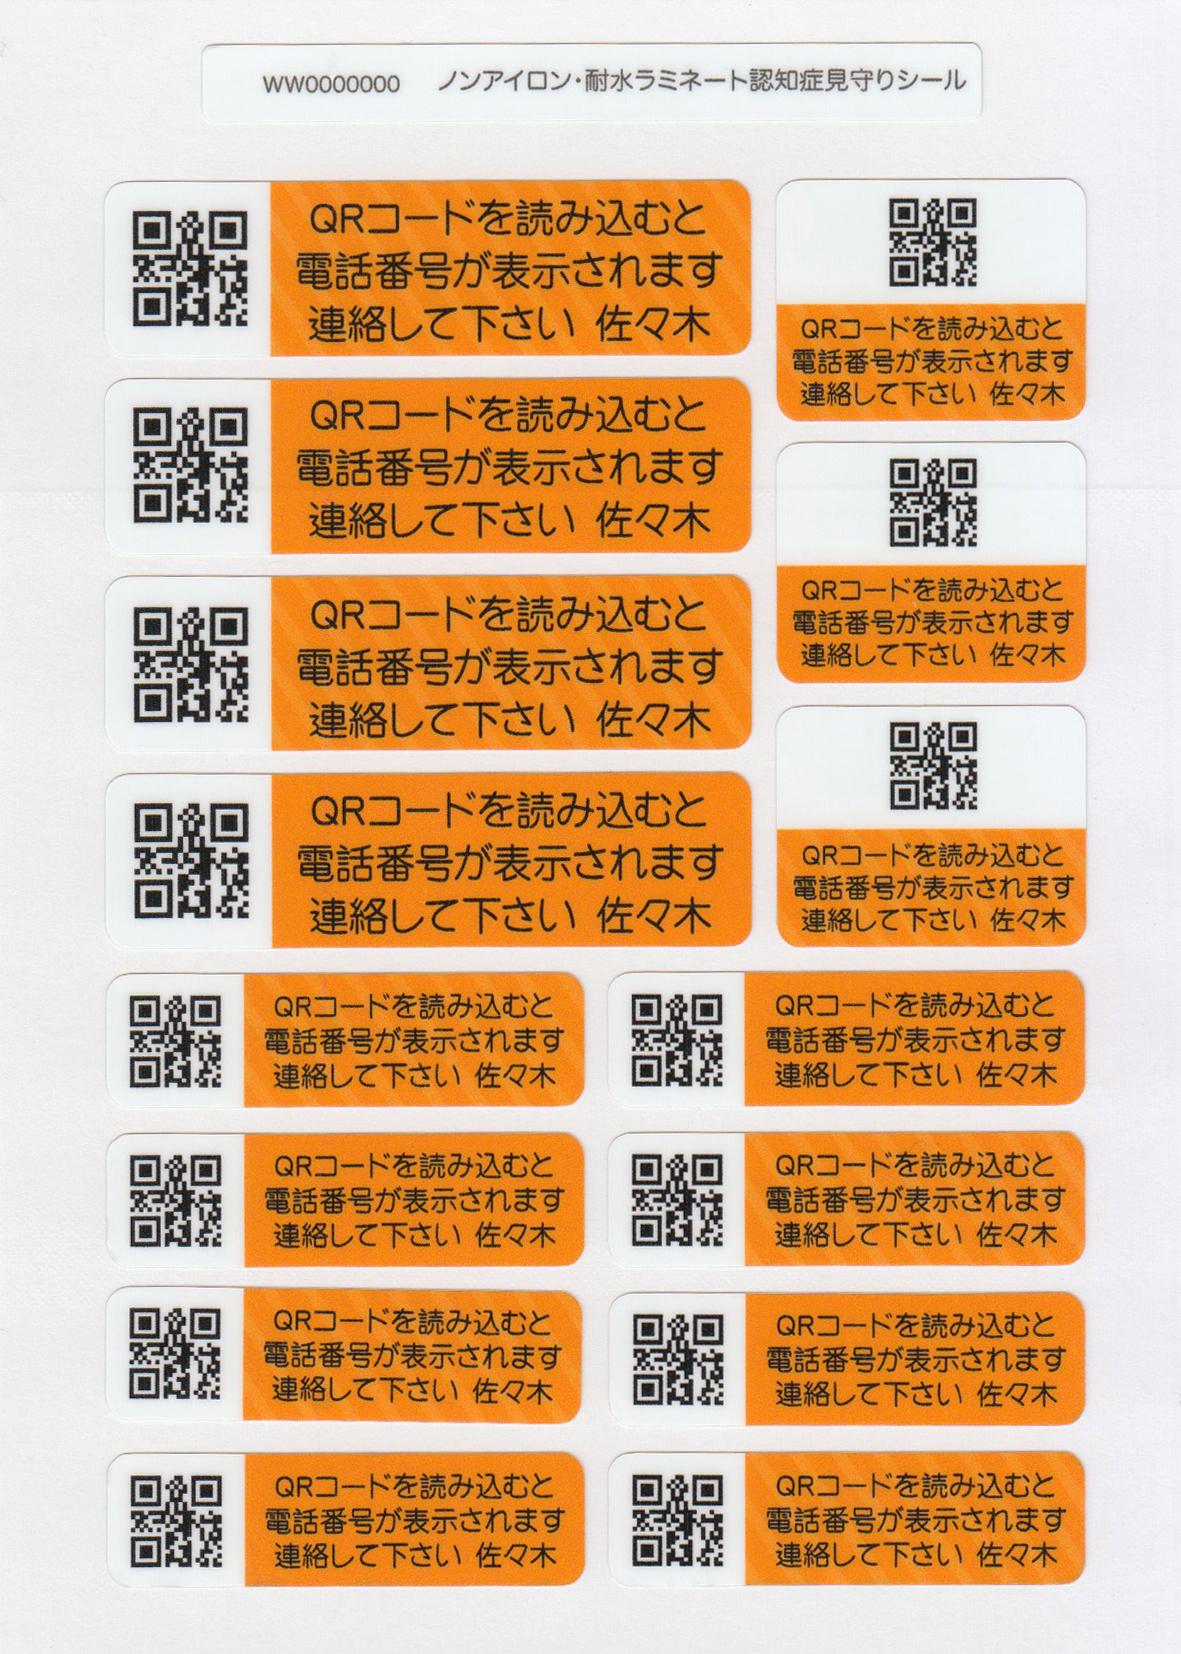 認知症見守り QRコード付 オレンジ